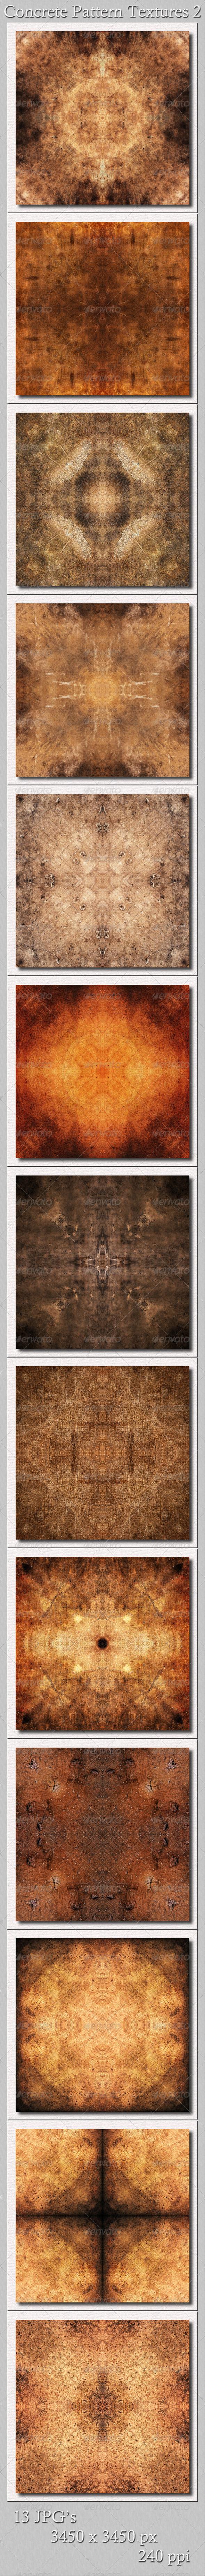 GraphicRiver Concrete Pattern Textures Pkg2 5675438